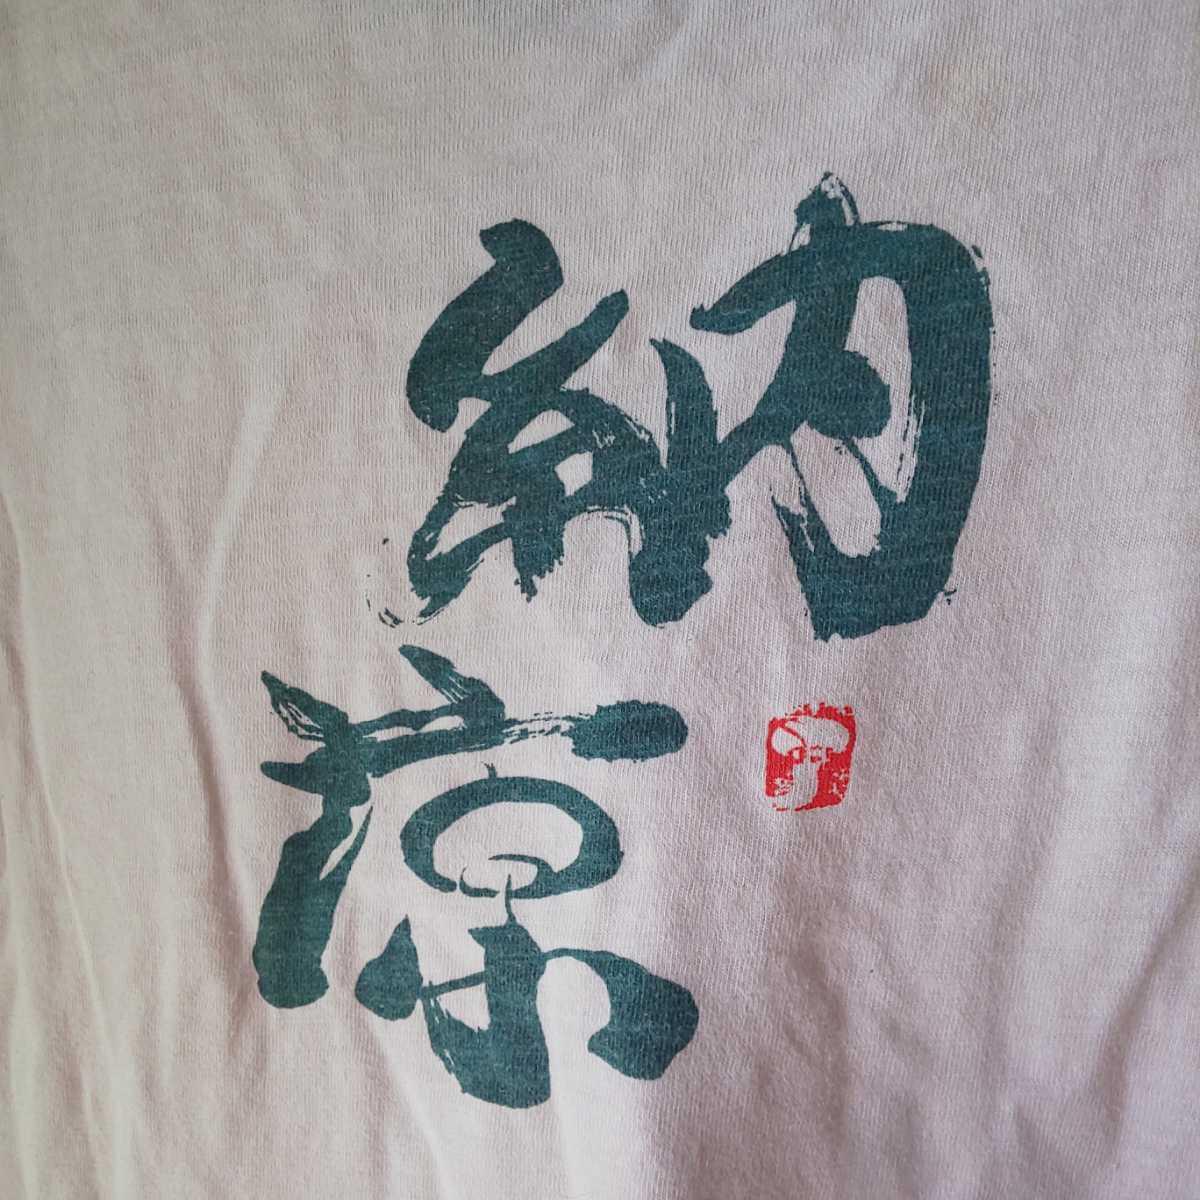 1円スタート! レディースMサイズ 半袖Tシャツ ロゴT 納涼 夏物 女性用 部屋着 楽ちん 普段着 中古 akichan7777jp_画像3